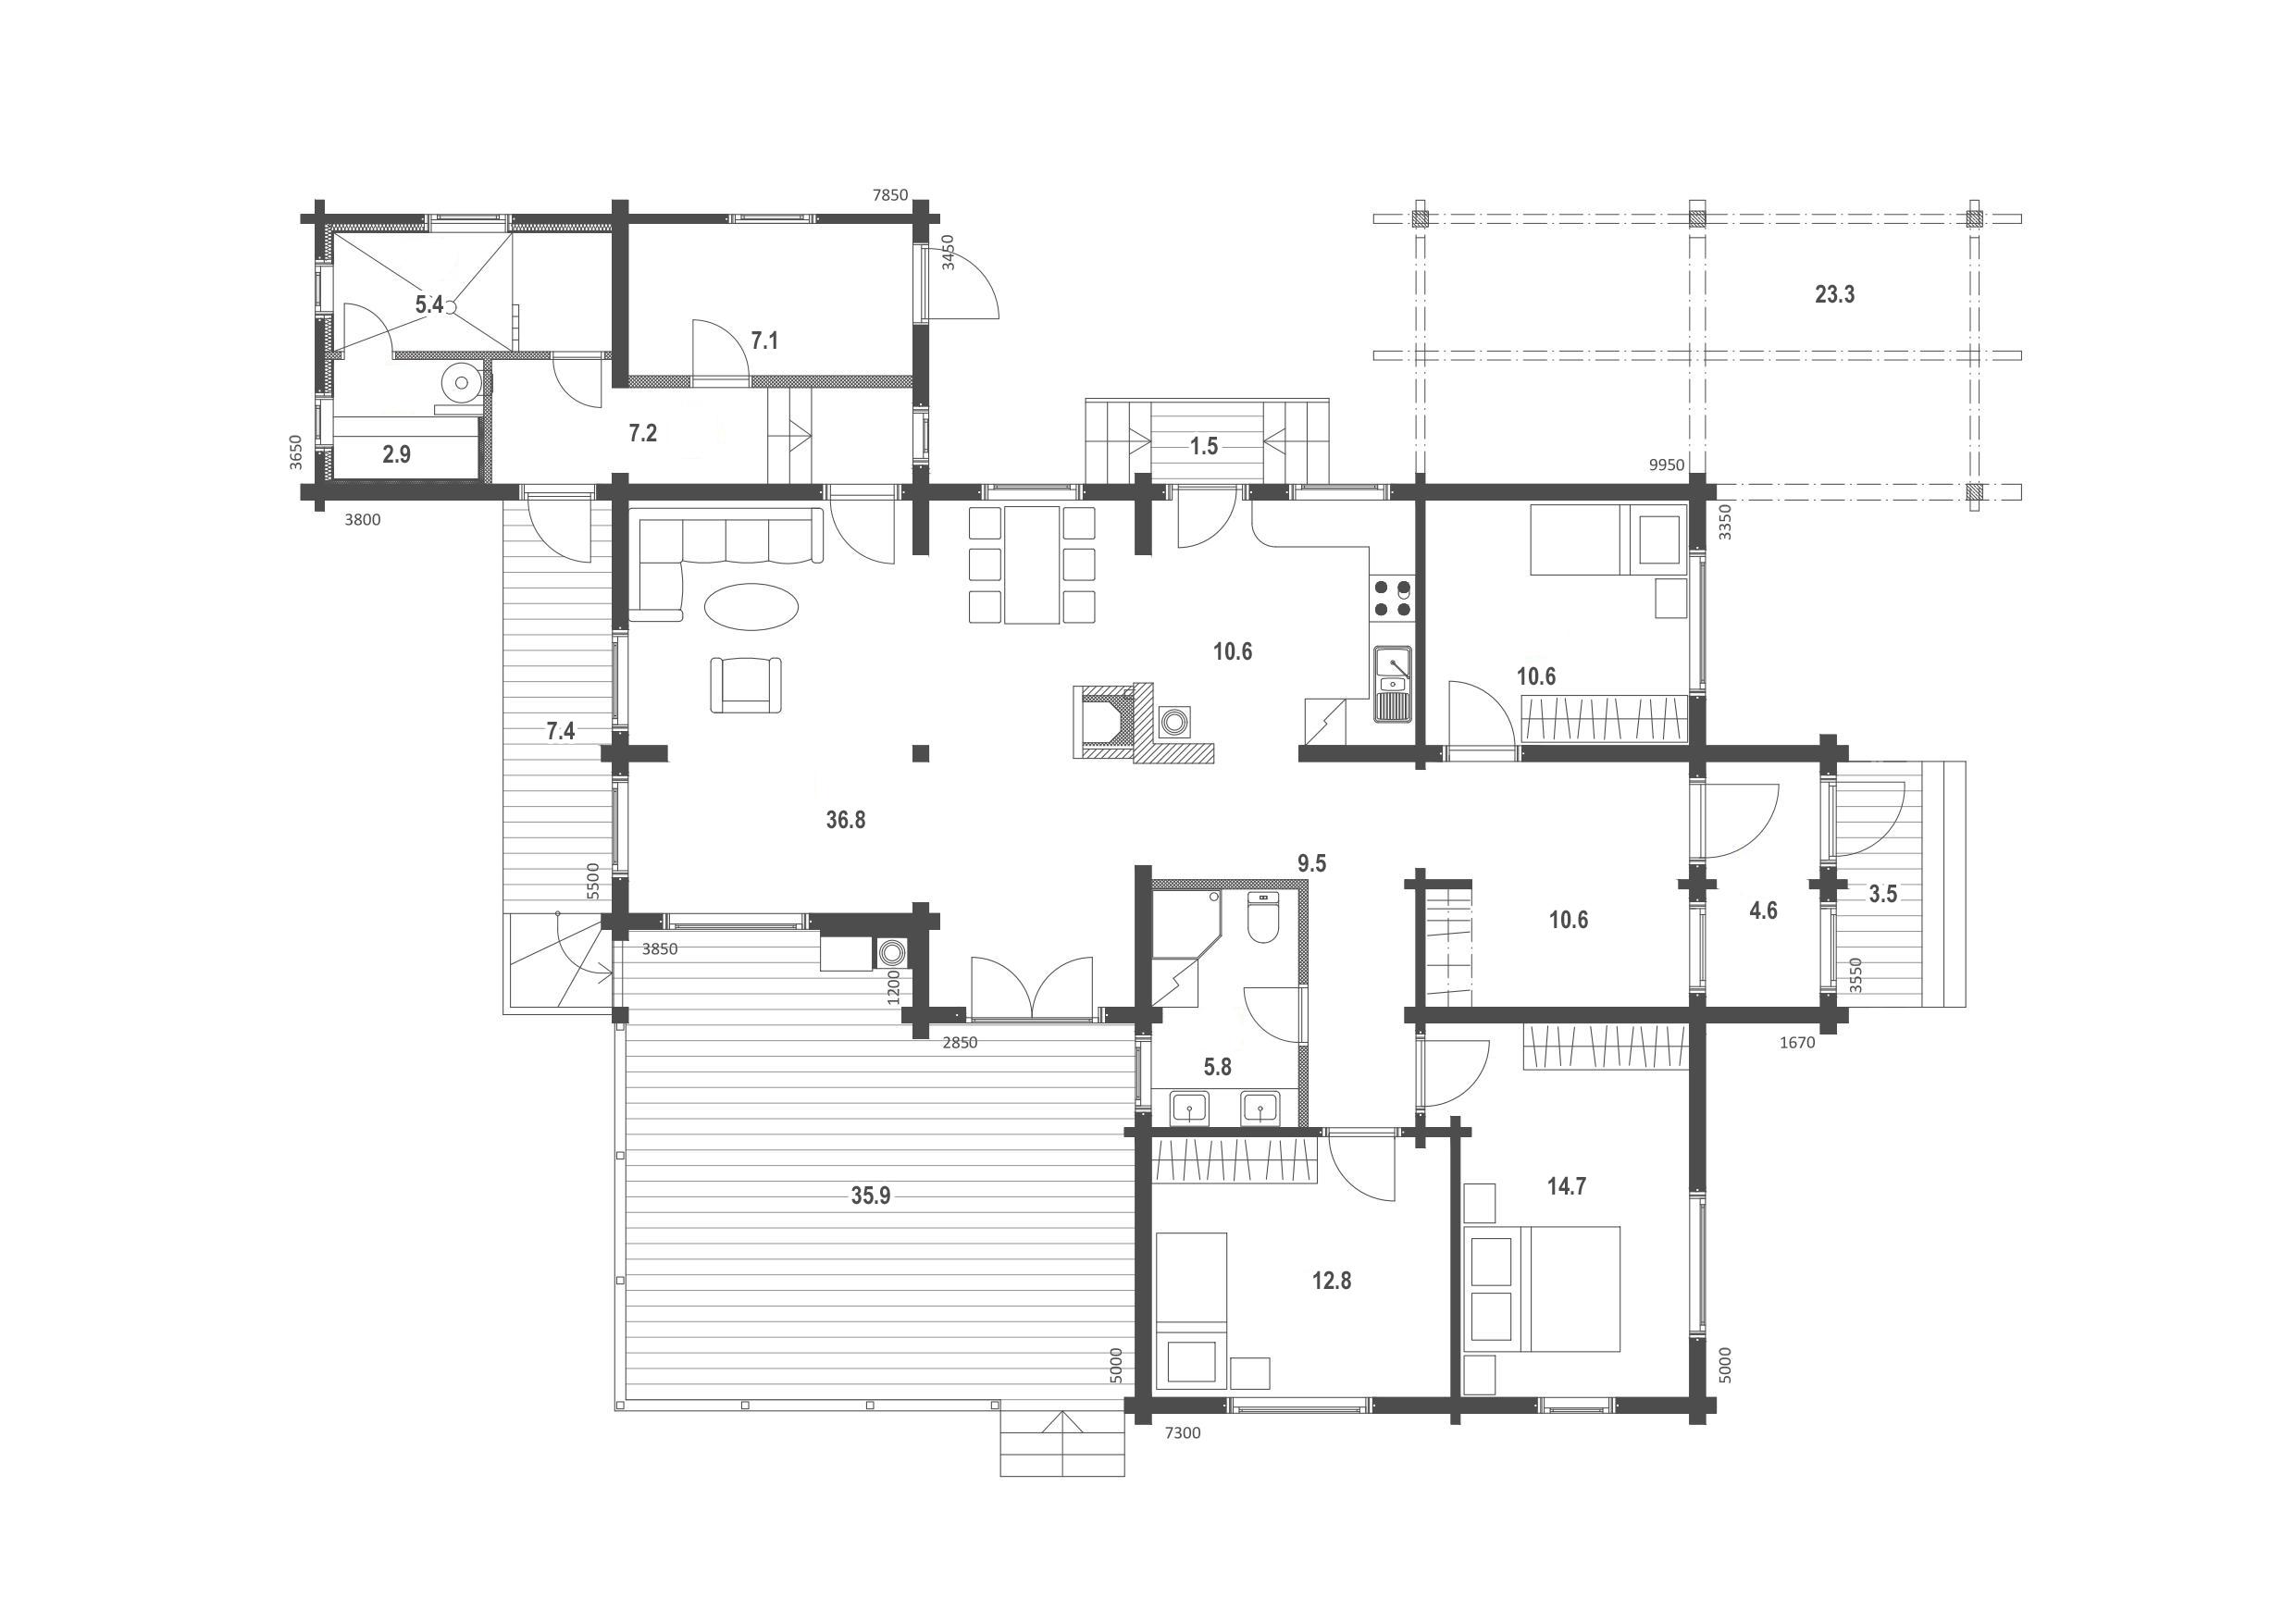 Planimetria della costruzione Casa in Legno modello Eike di Estia House oü